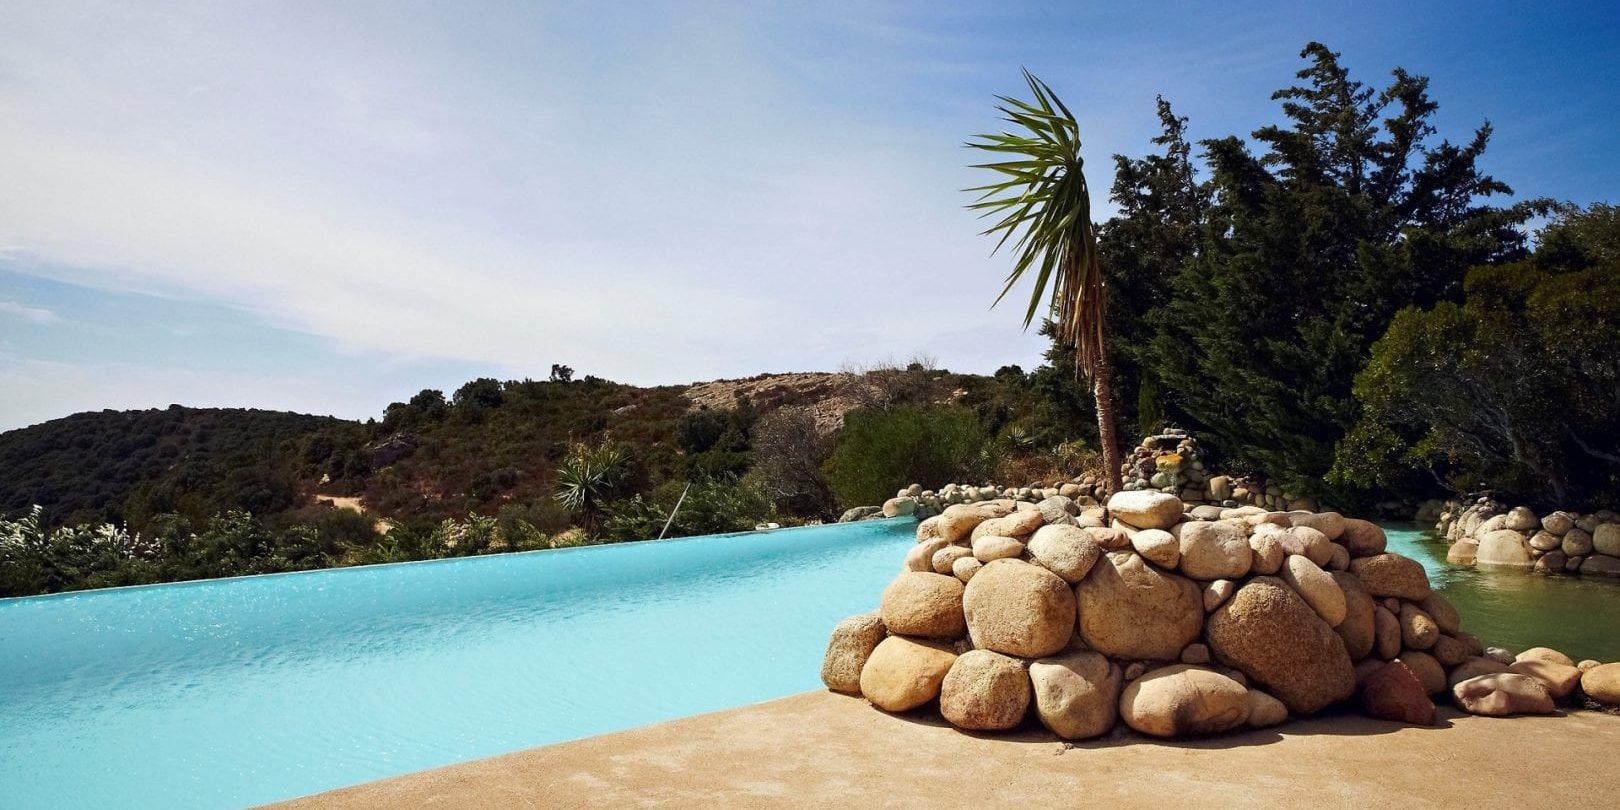 Ferme Auberge Domaine de Piscia Figari Corsica Frankrijk infinity pool zwembad uitzicht